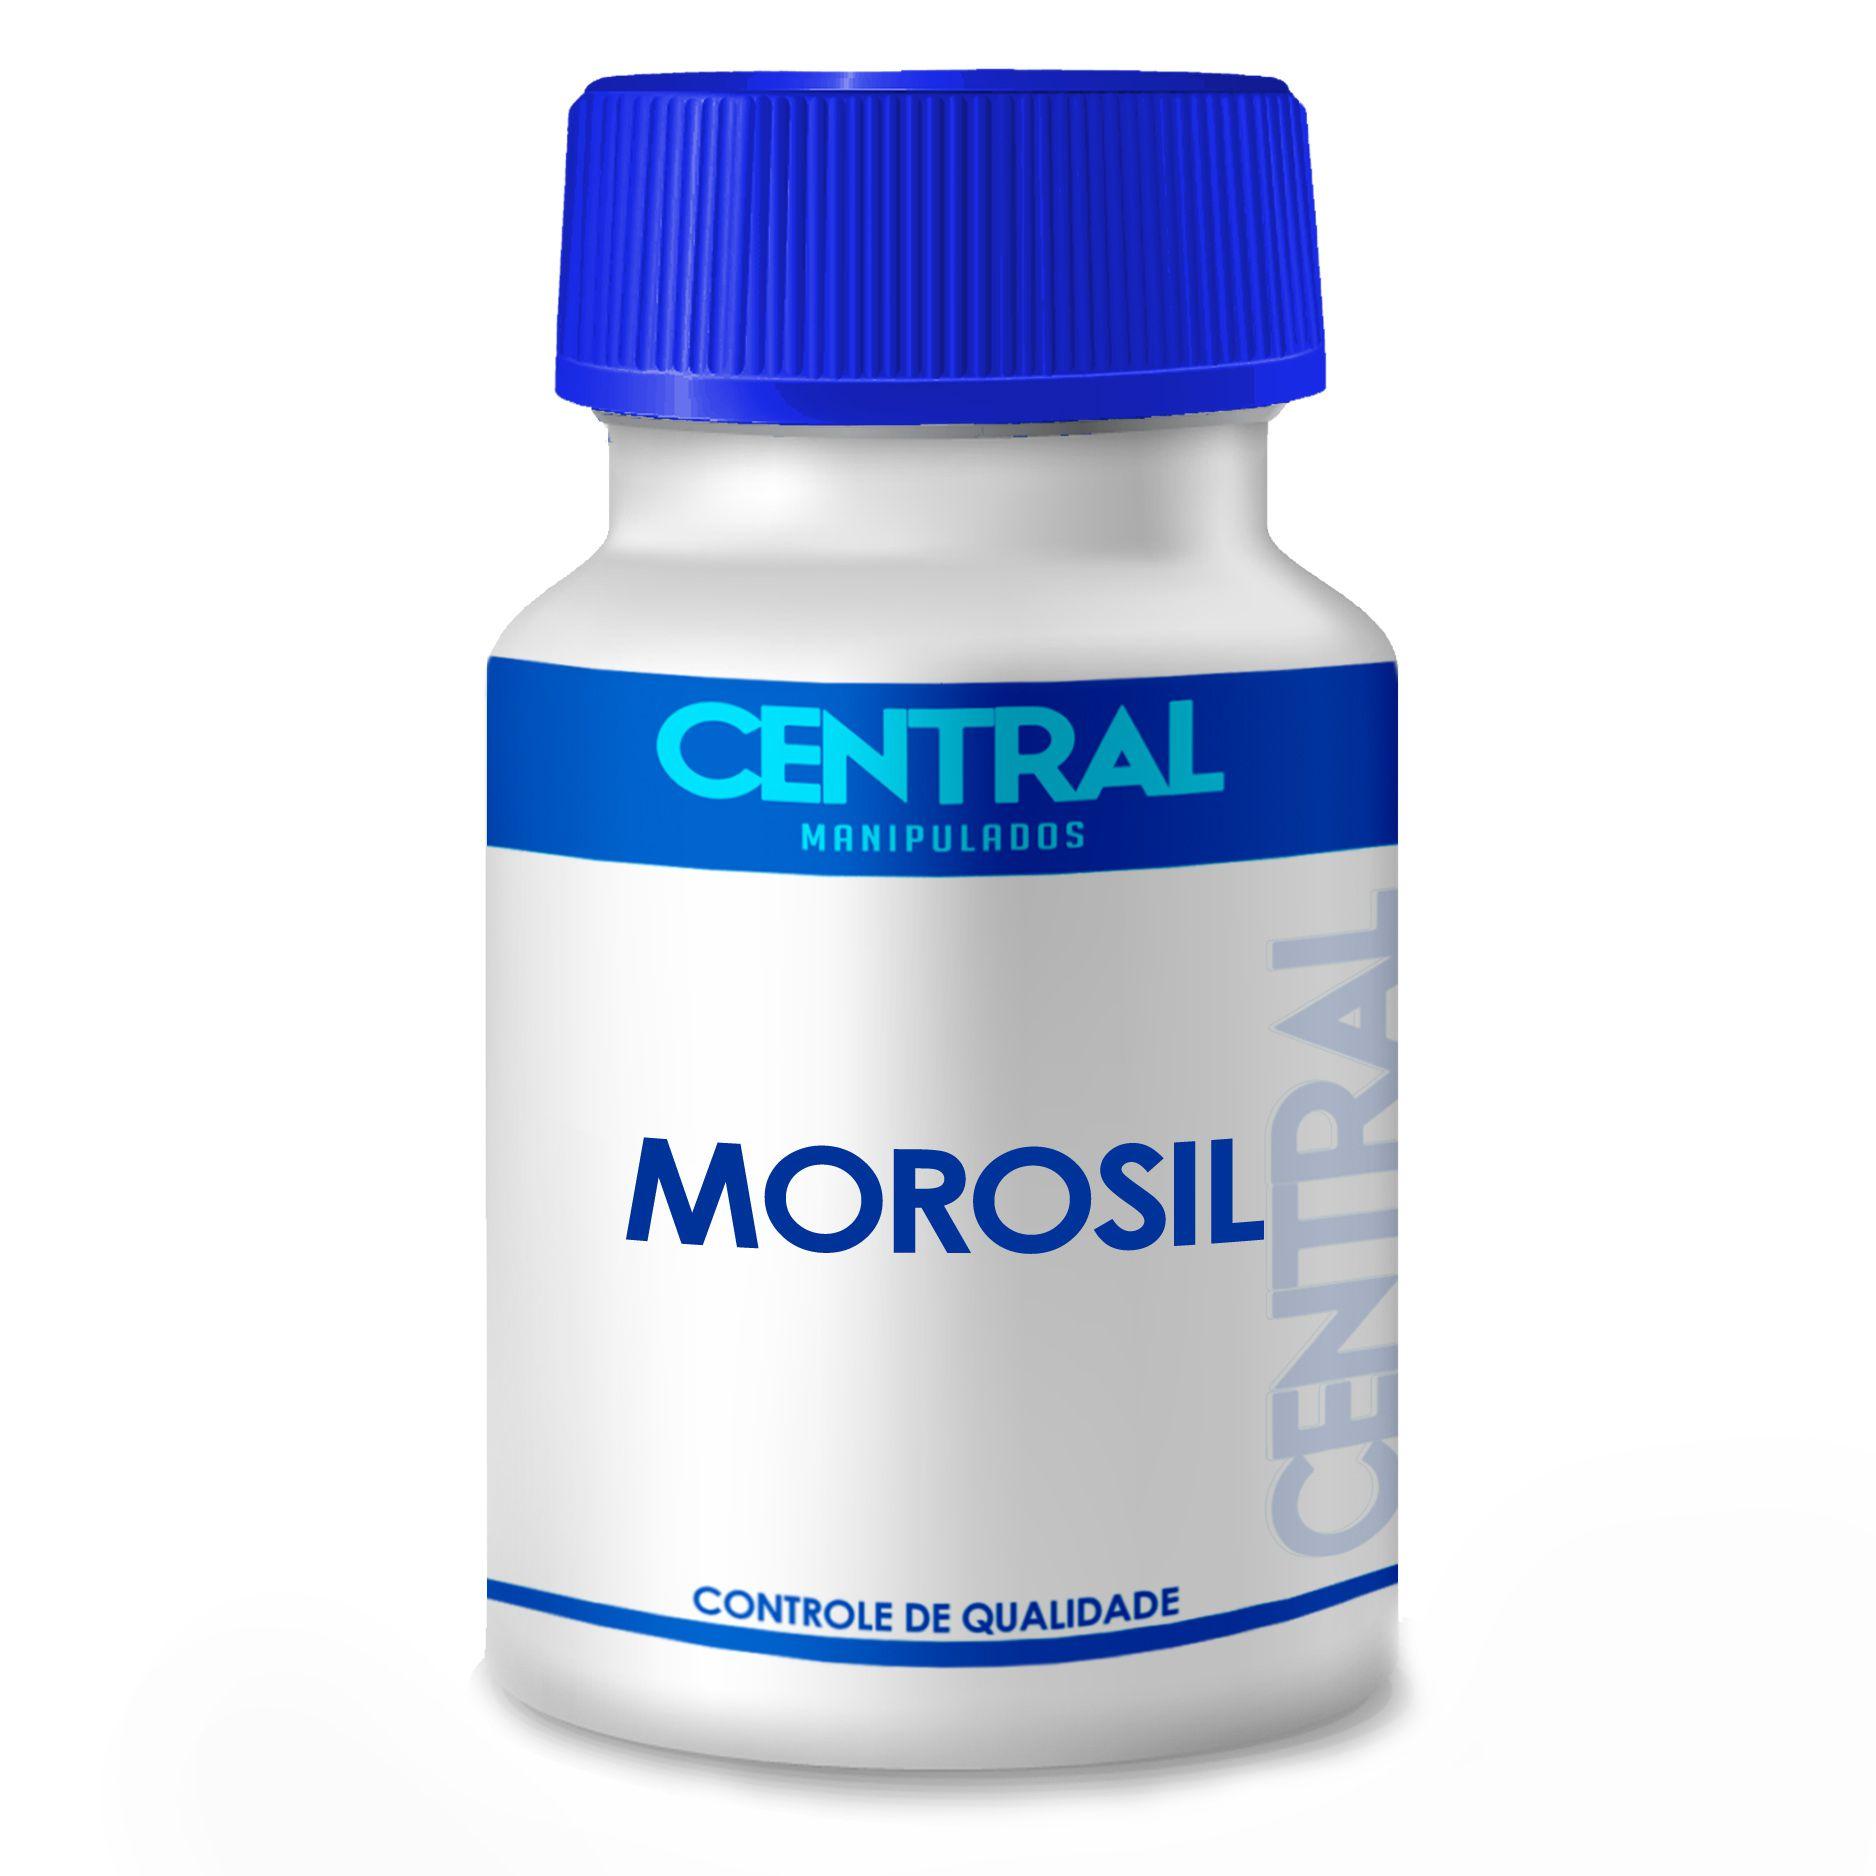 Morosil - redução da gordura abdominal - 500mg 90 cápsulas - COM SELO DE AUTENTICIDADE GALENA